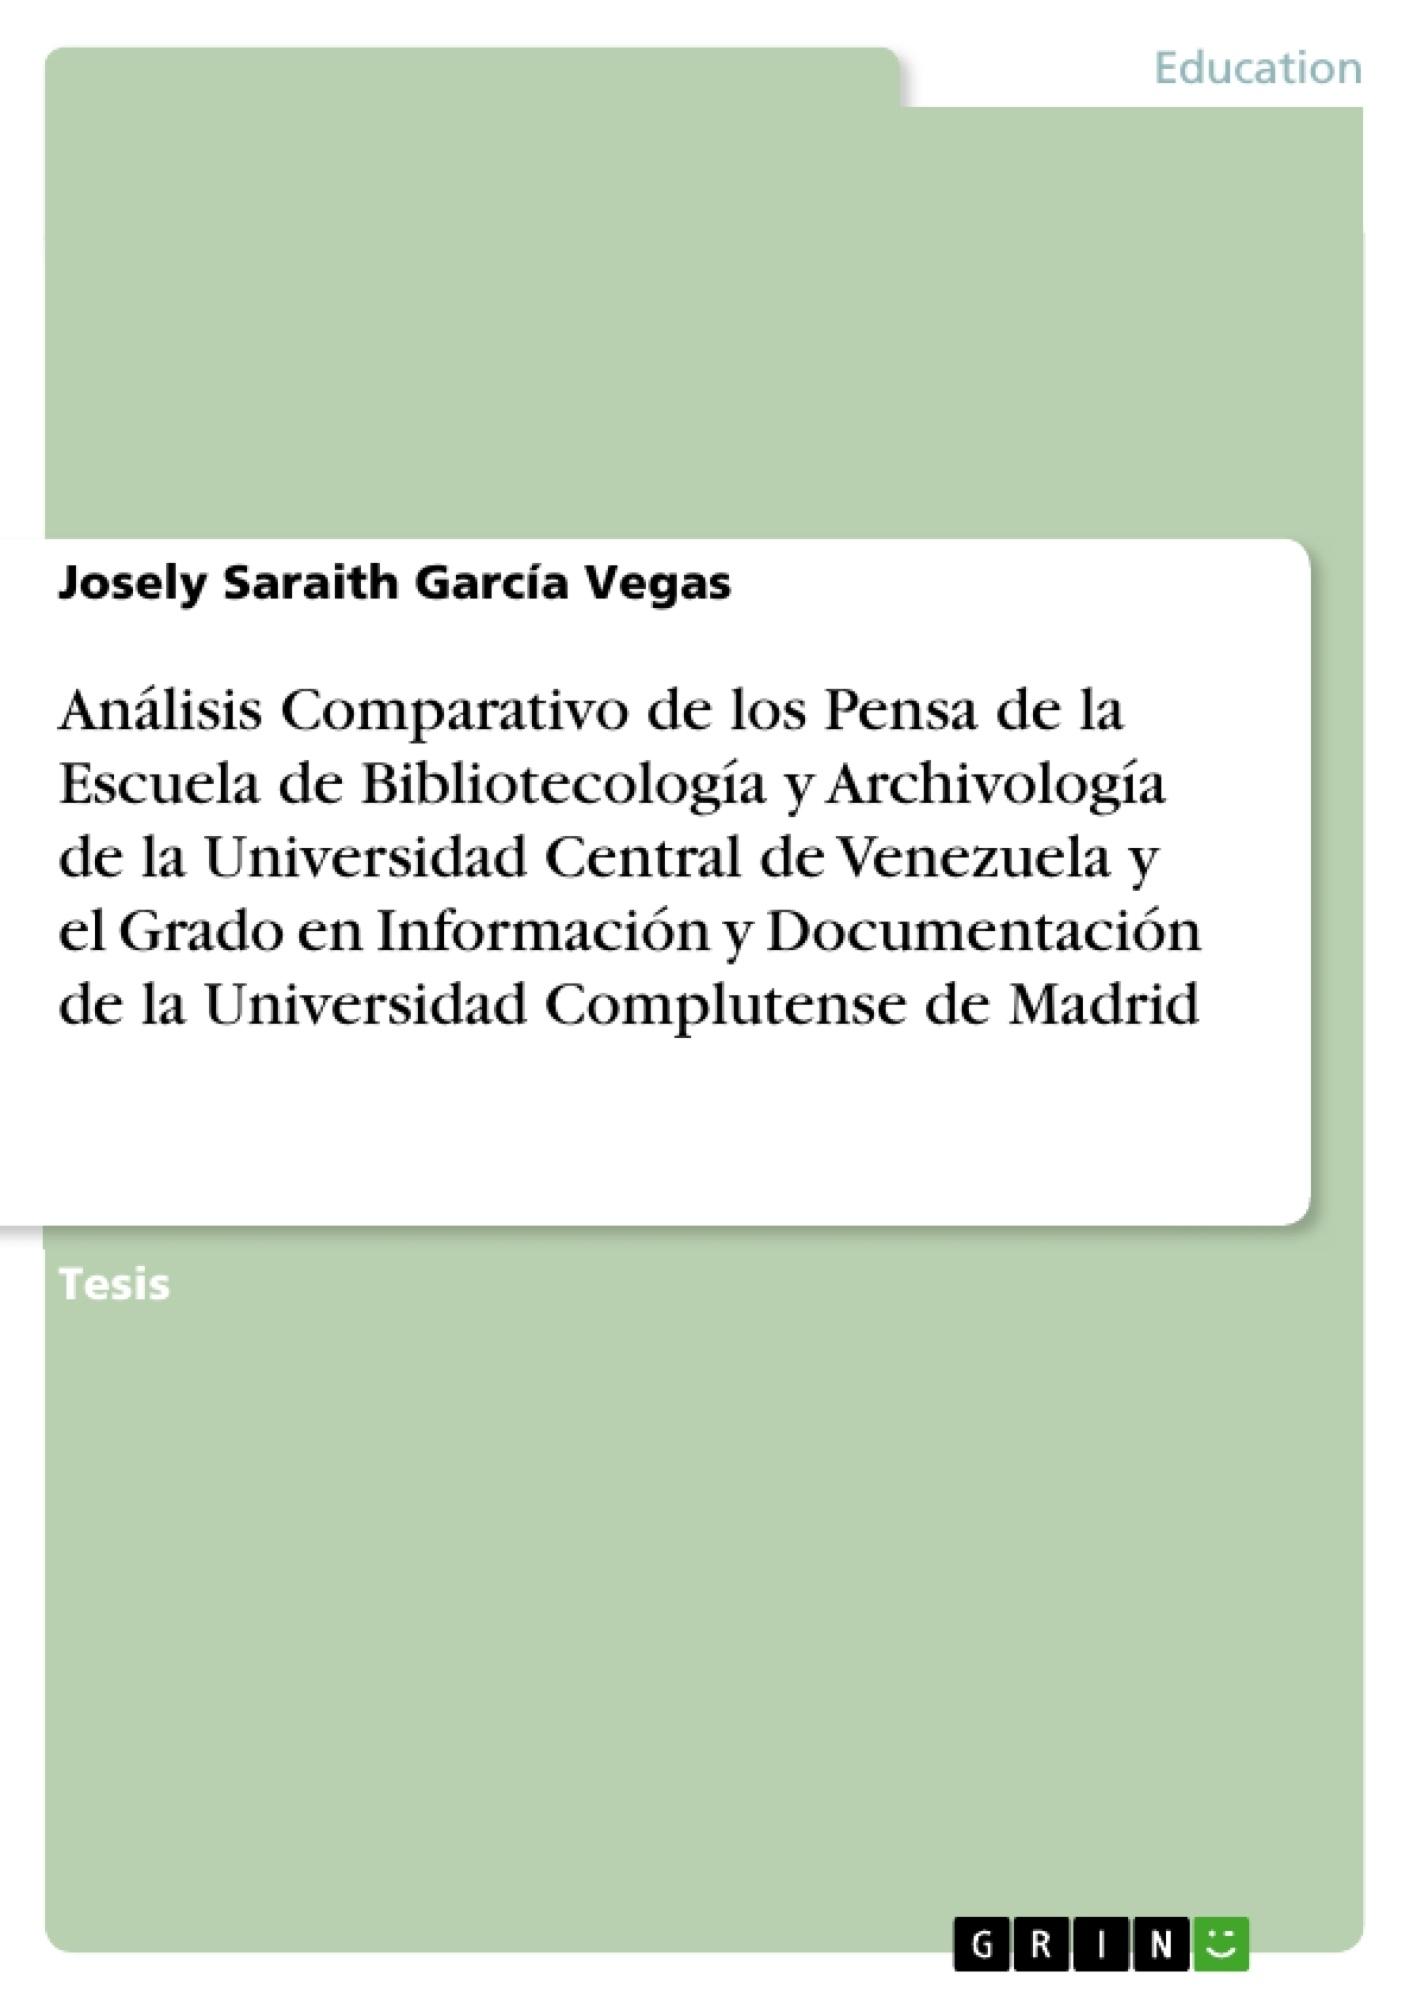 Título: Análisis Comparativo de los Pensa de la Escuela de Bibliotecología y Archivología de la Universidad Central de Venezuela y el Grado en Información y Documentación de la Universidad Complutense de Madrid